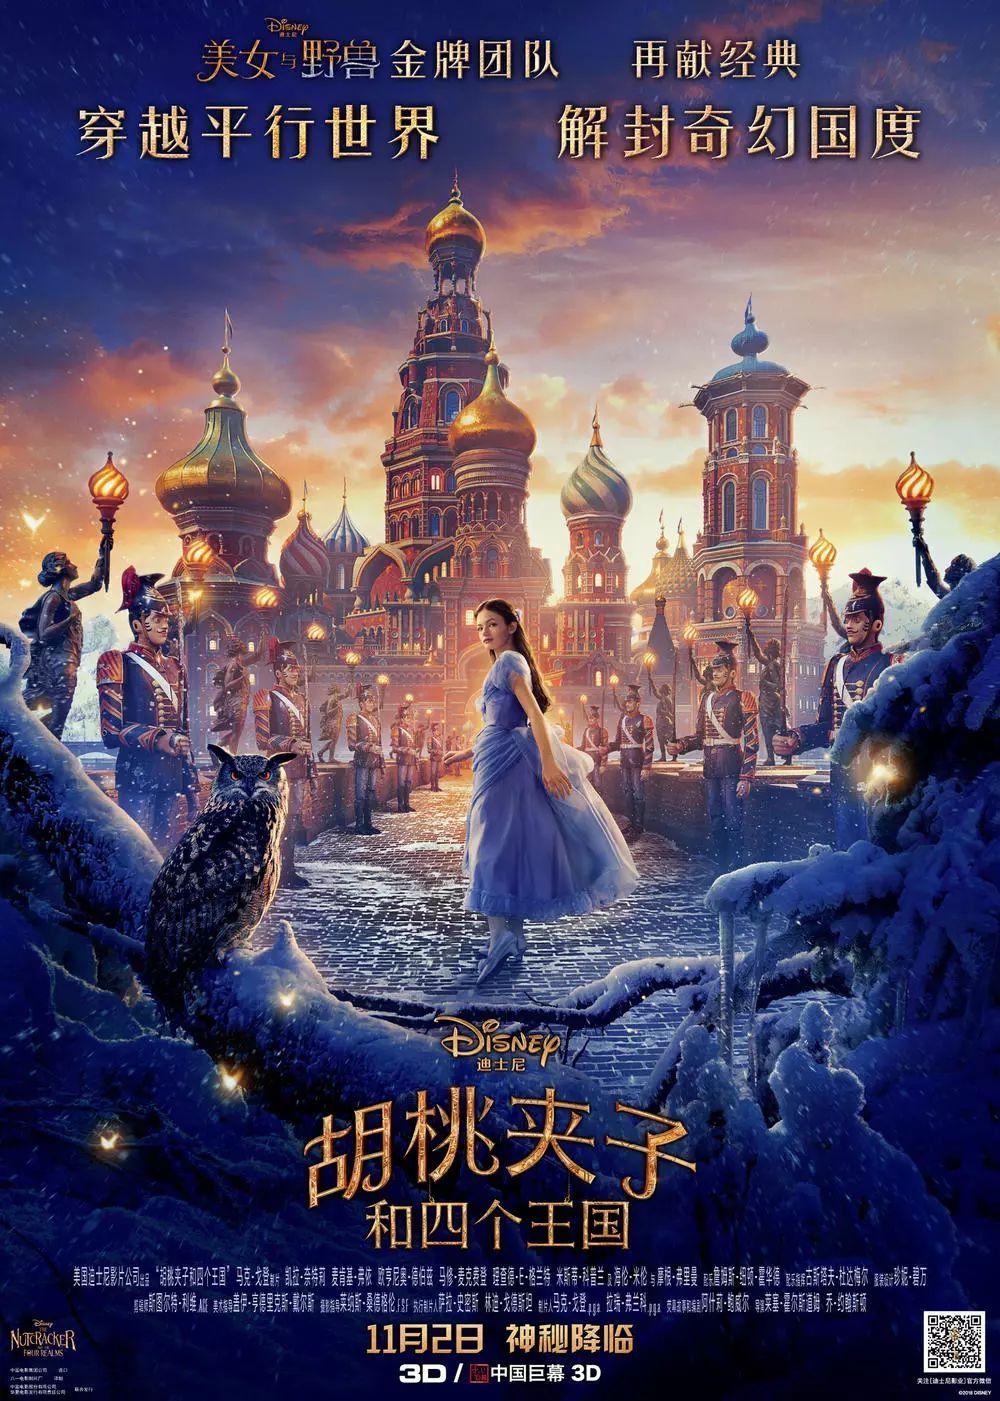 【新片上映】《胡桃夹子和四个国王》《飓风奇劫》《冰封侠》